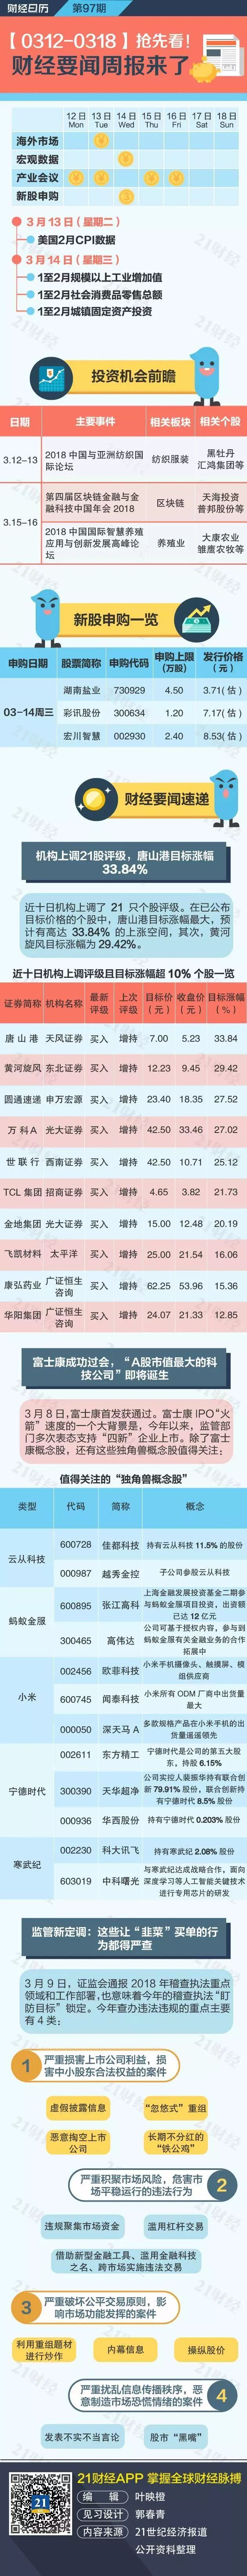 刘强东称曾住6年工棚,做过4年客服;中国人一年旅游3.7次